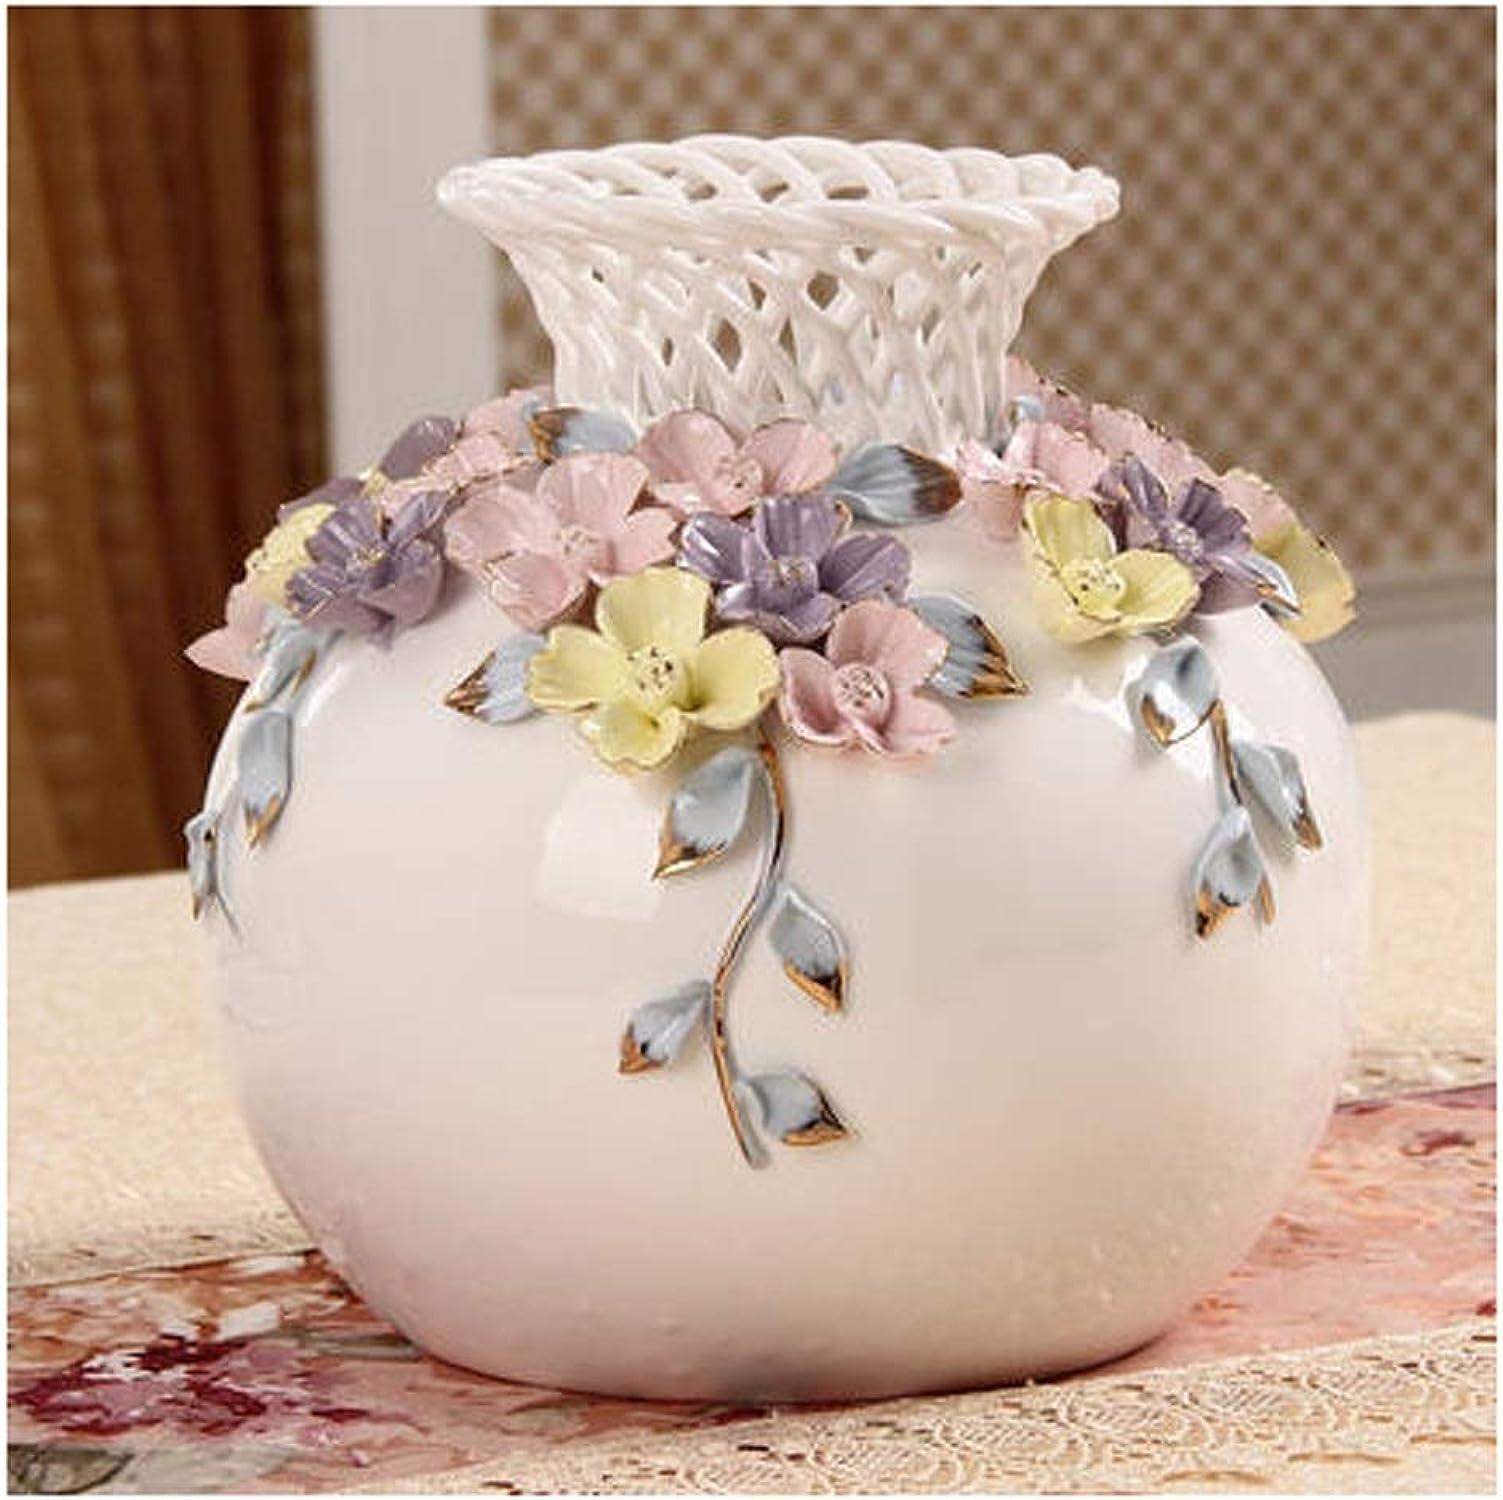 IUYWL Accessoires de Maison OrneHommests Rondes vases en céramique Fleurs Inserts Artisanat décoration décoration Deux pièces (Taille   19×19cm)